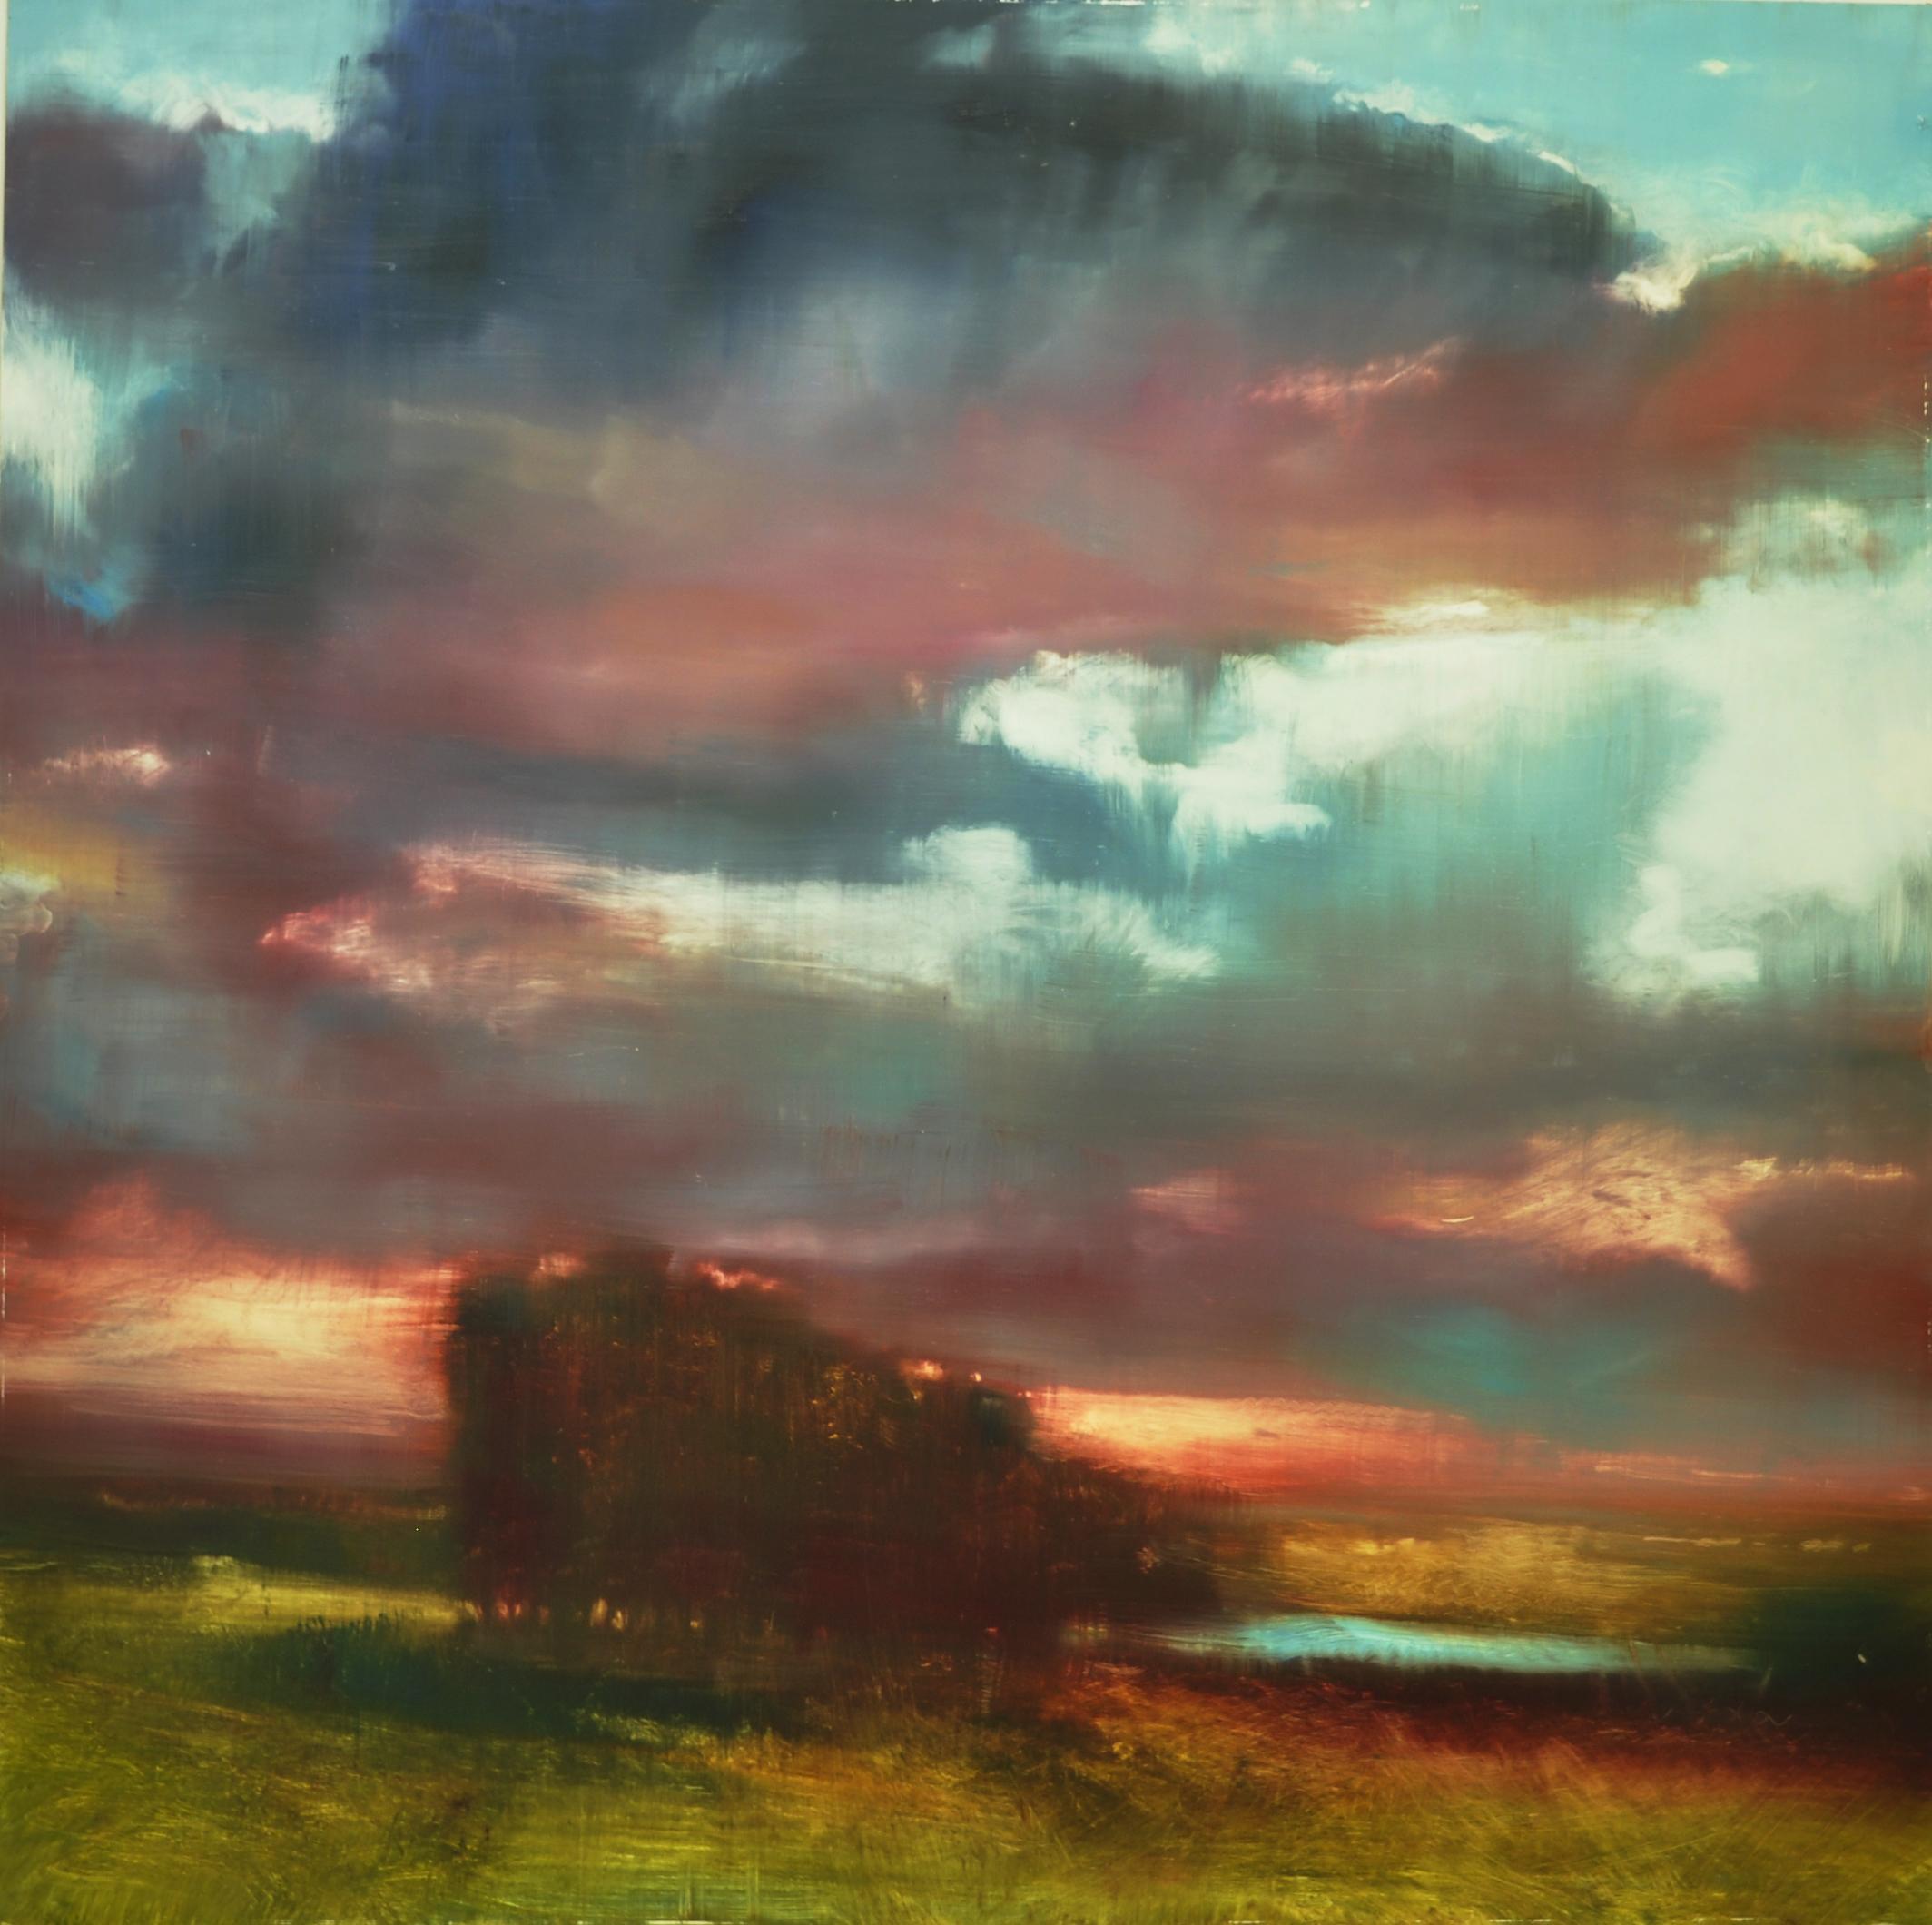 Dunlop_big sky_Evening Sky_oilonanodizedaluminum_36x36.jpg